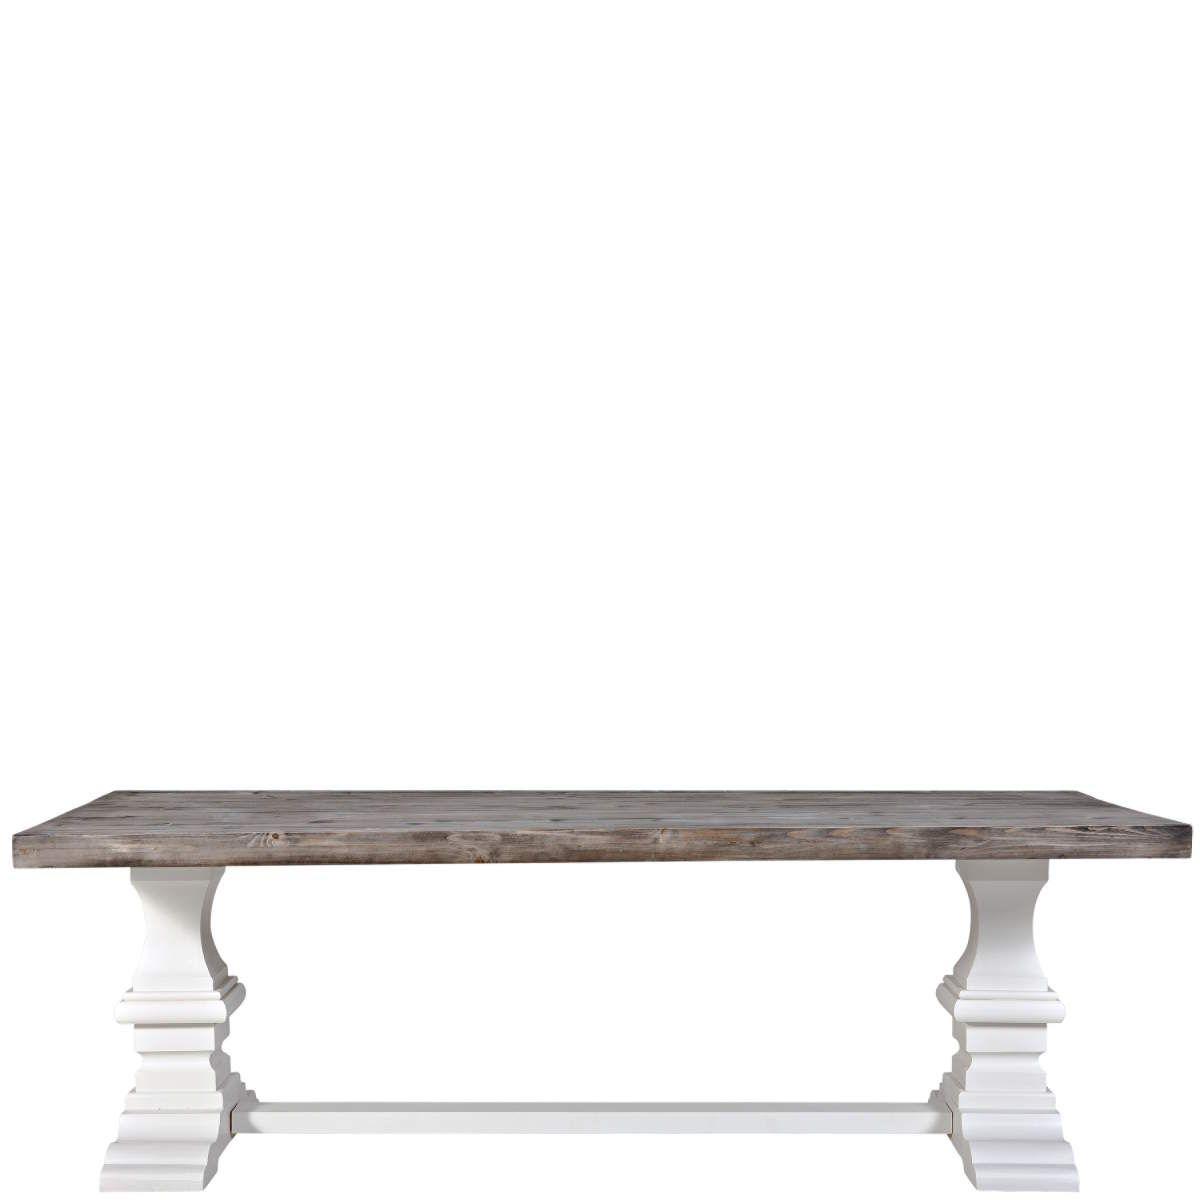 RITZ Tisch | Buecher, Wohnen und Ideen